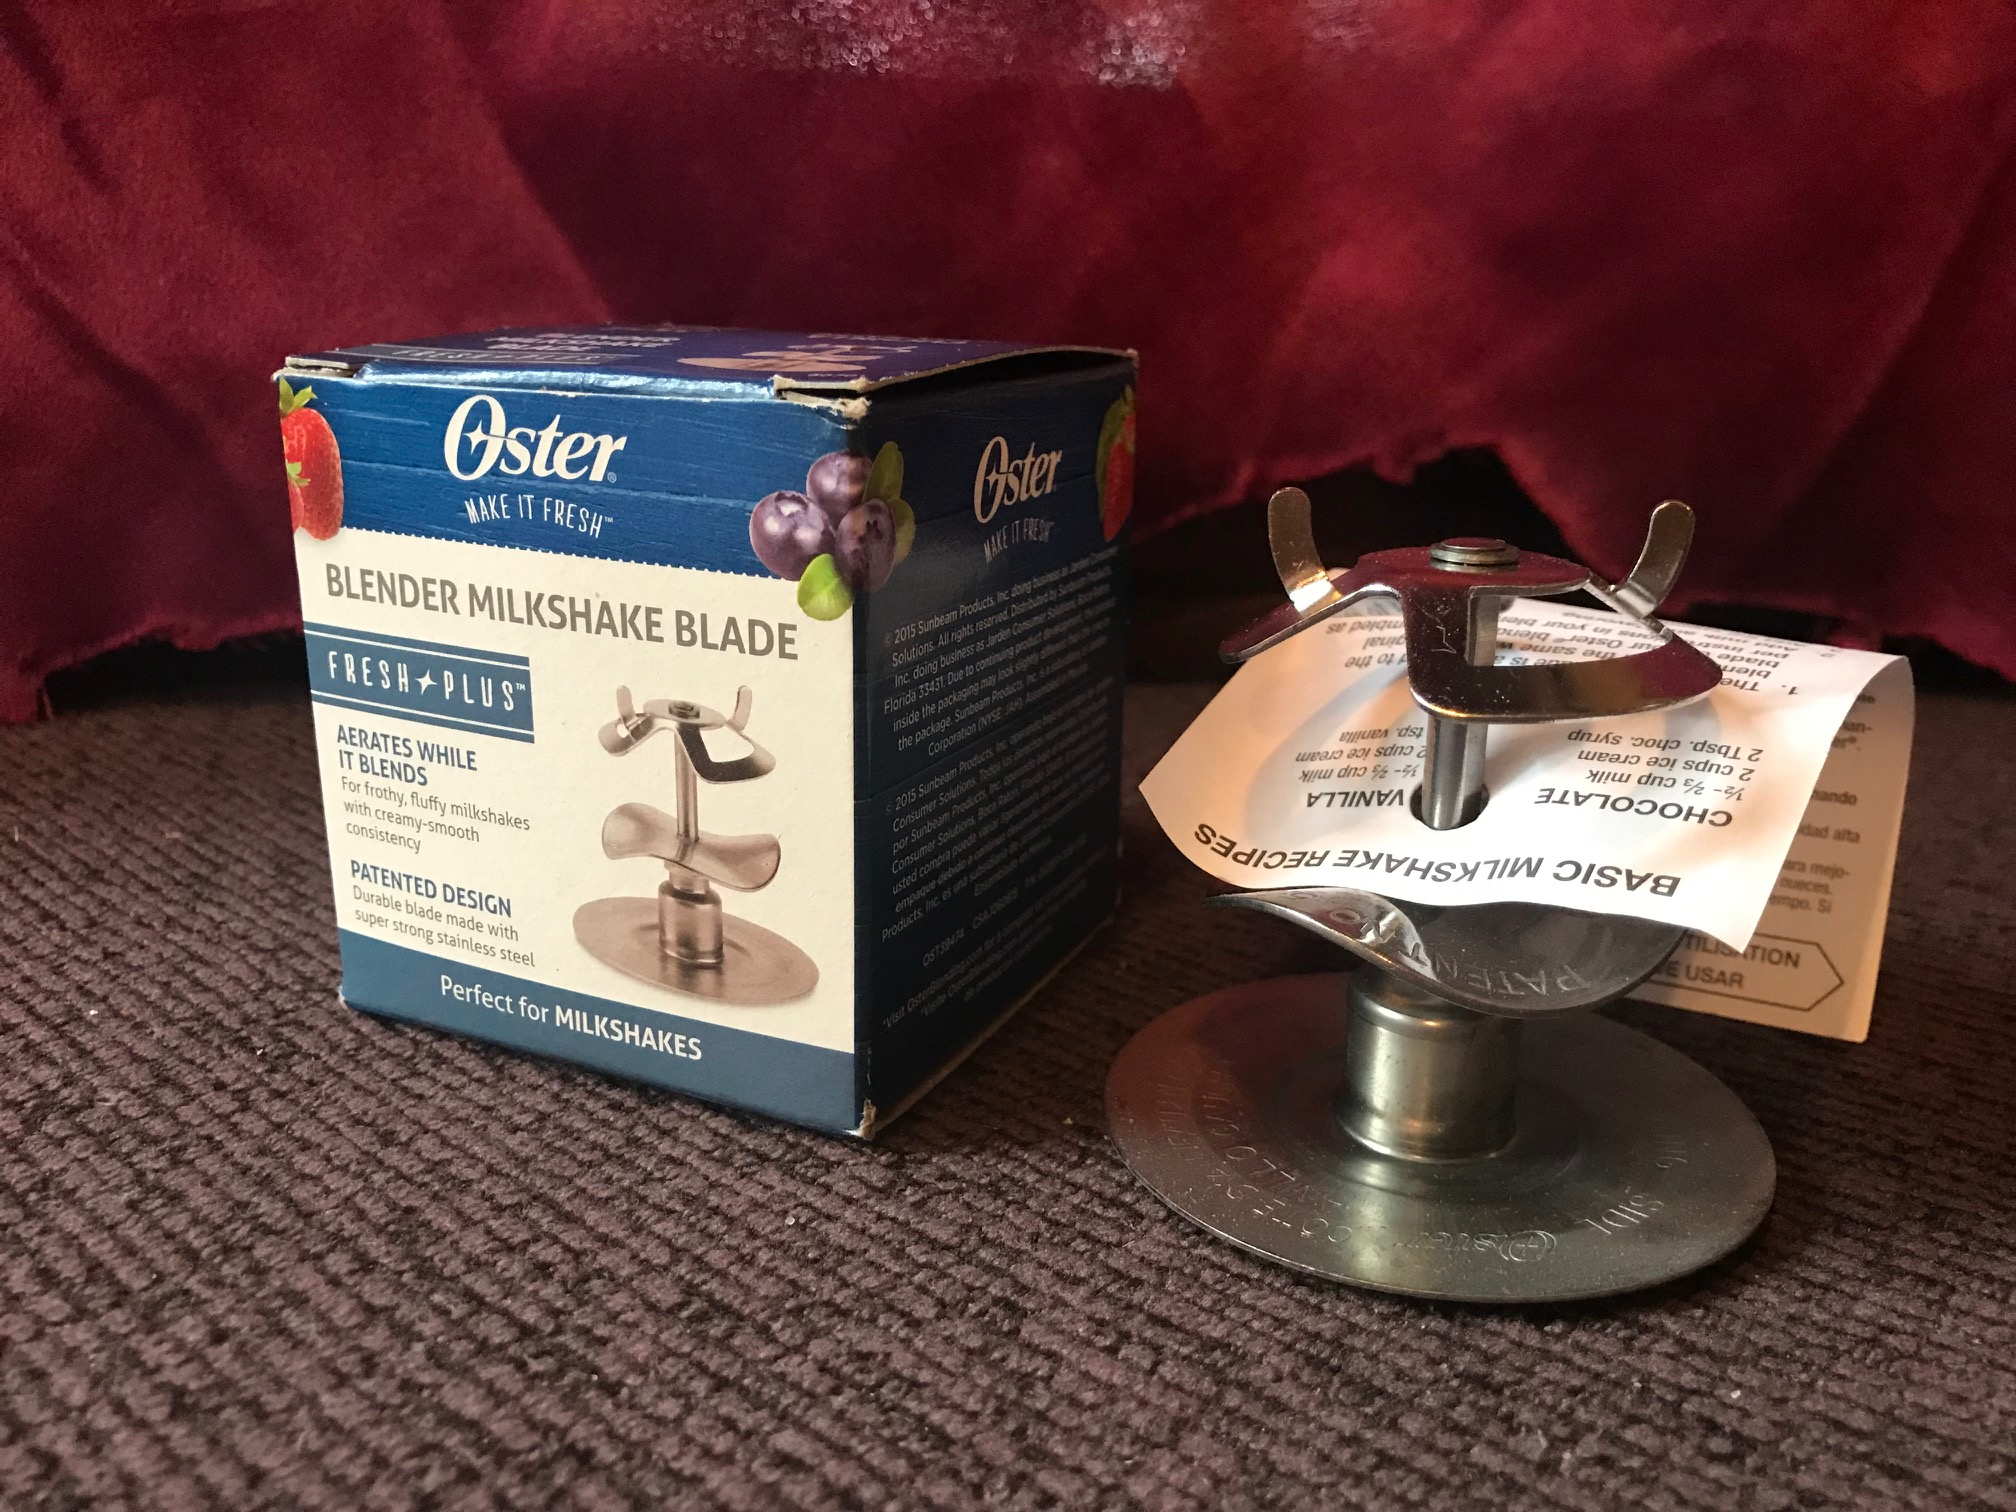 XRF Test Results For Oster Blender Milkshake Blade